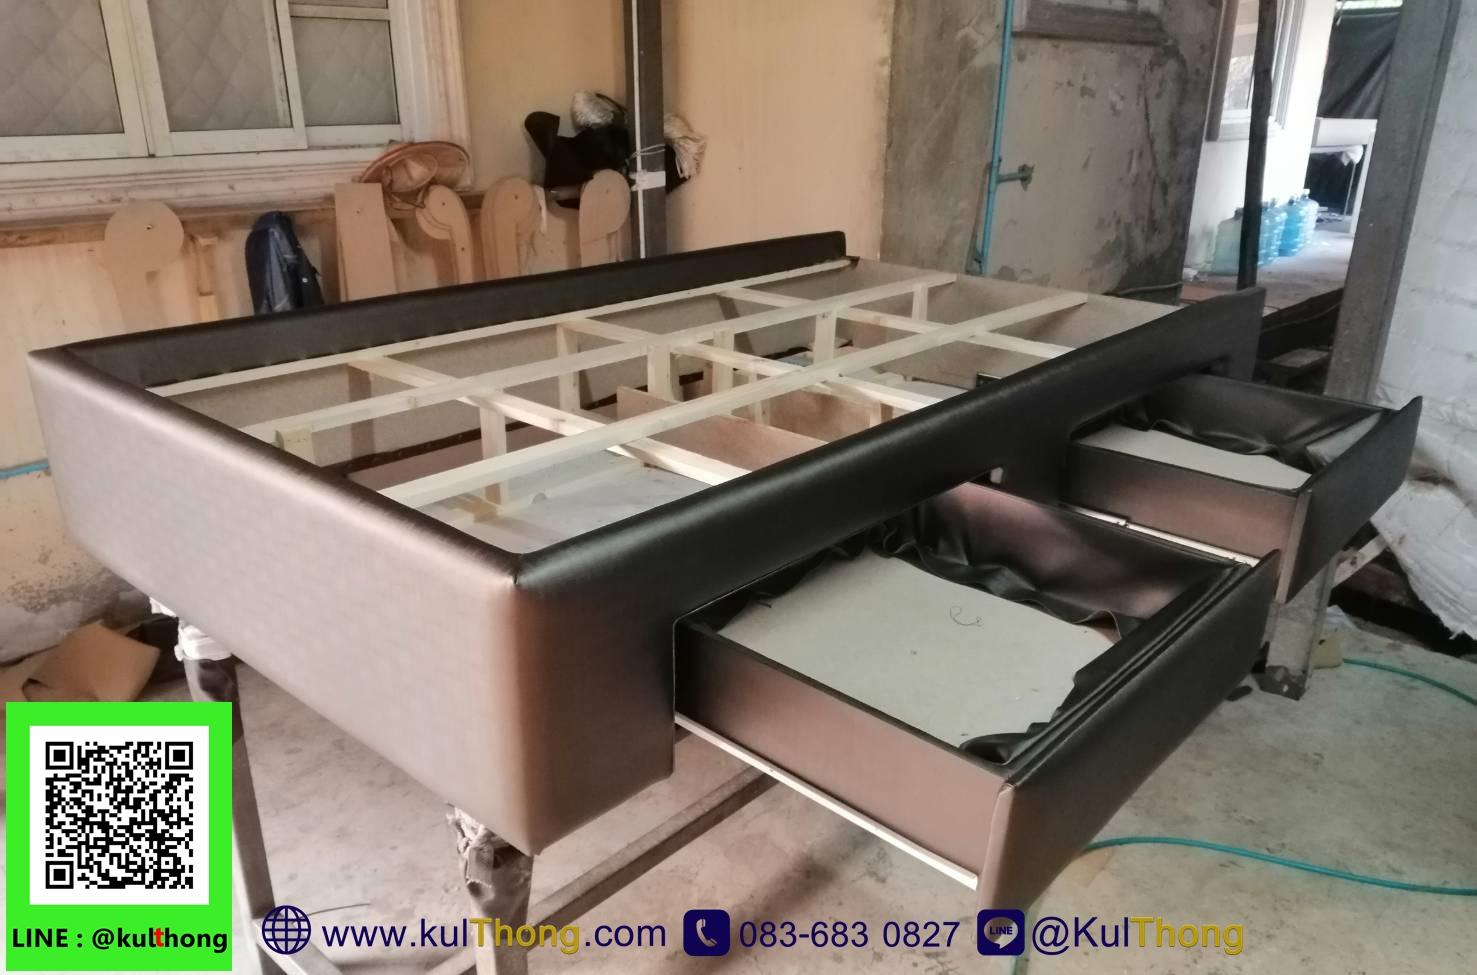 โครงสร้างเตียง ฐานรองที่นอน เตียงมีลิ้นชัก ไม้เบญจพรรณ